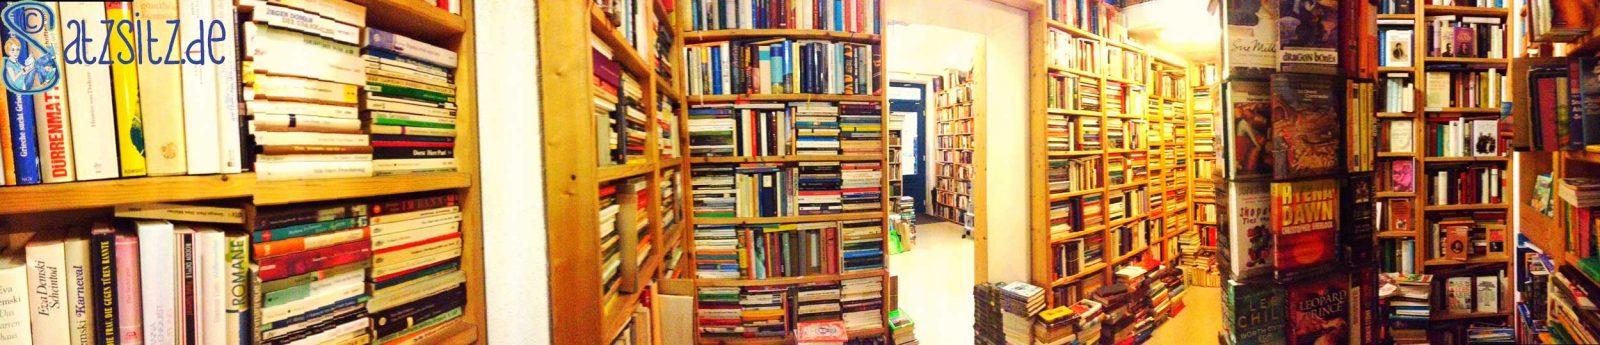 Panorama Aufnahme des Antiquariats: Regale vom Boden bis zur Decke voller Bücher